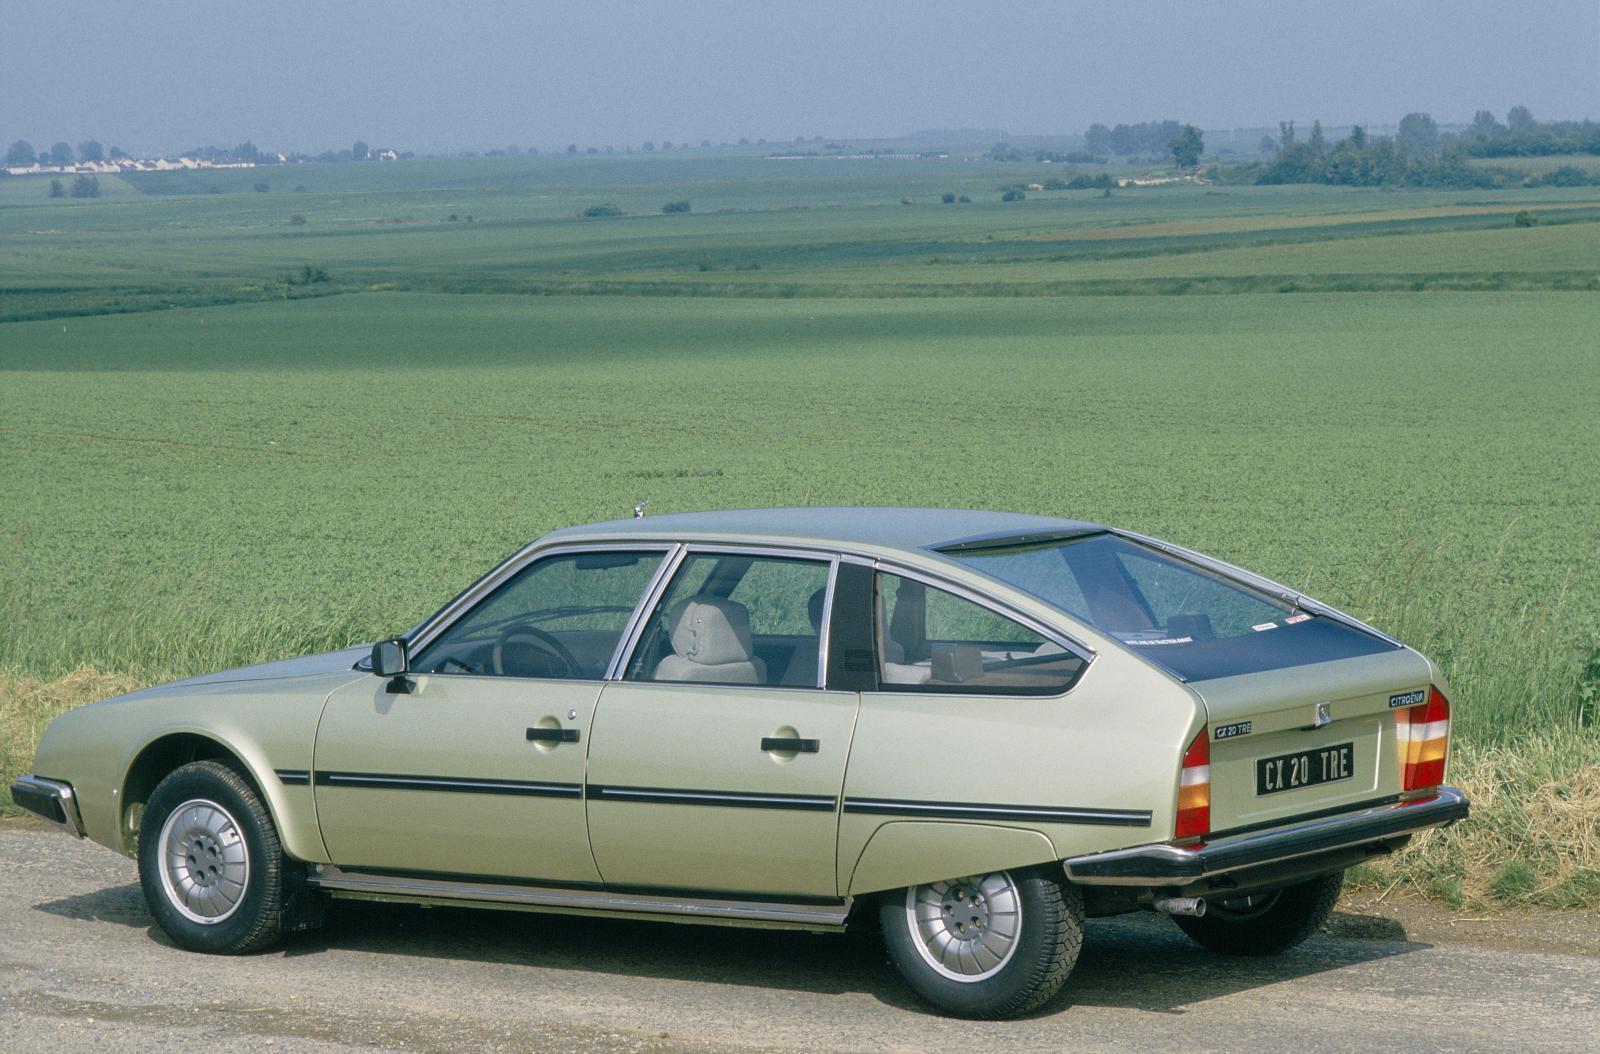 CX 20 TRE 1985